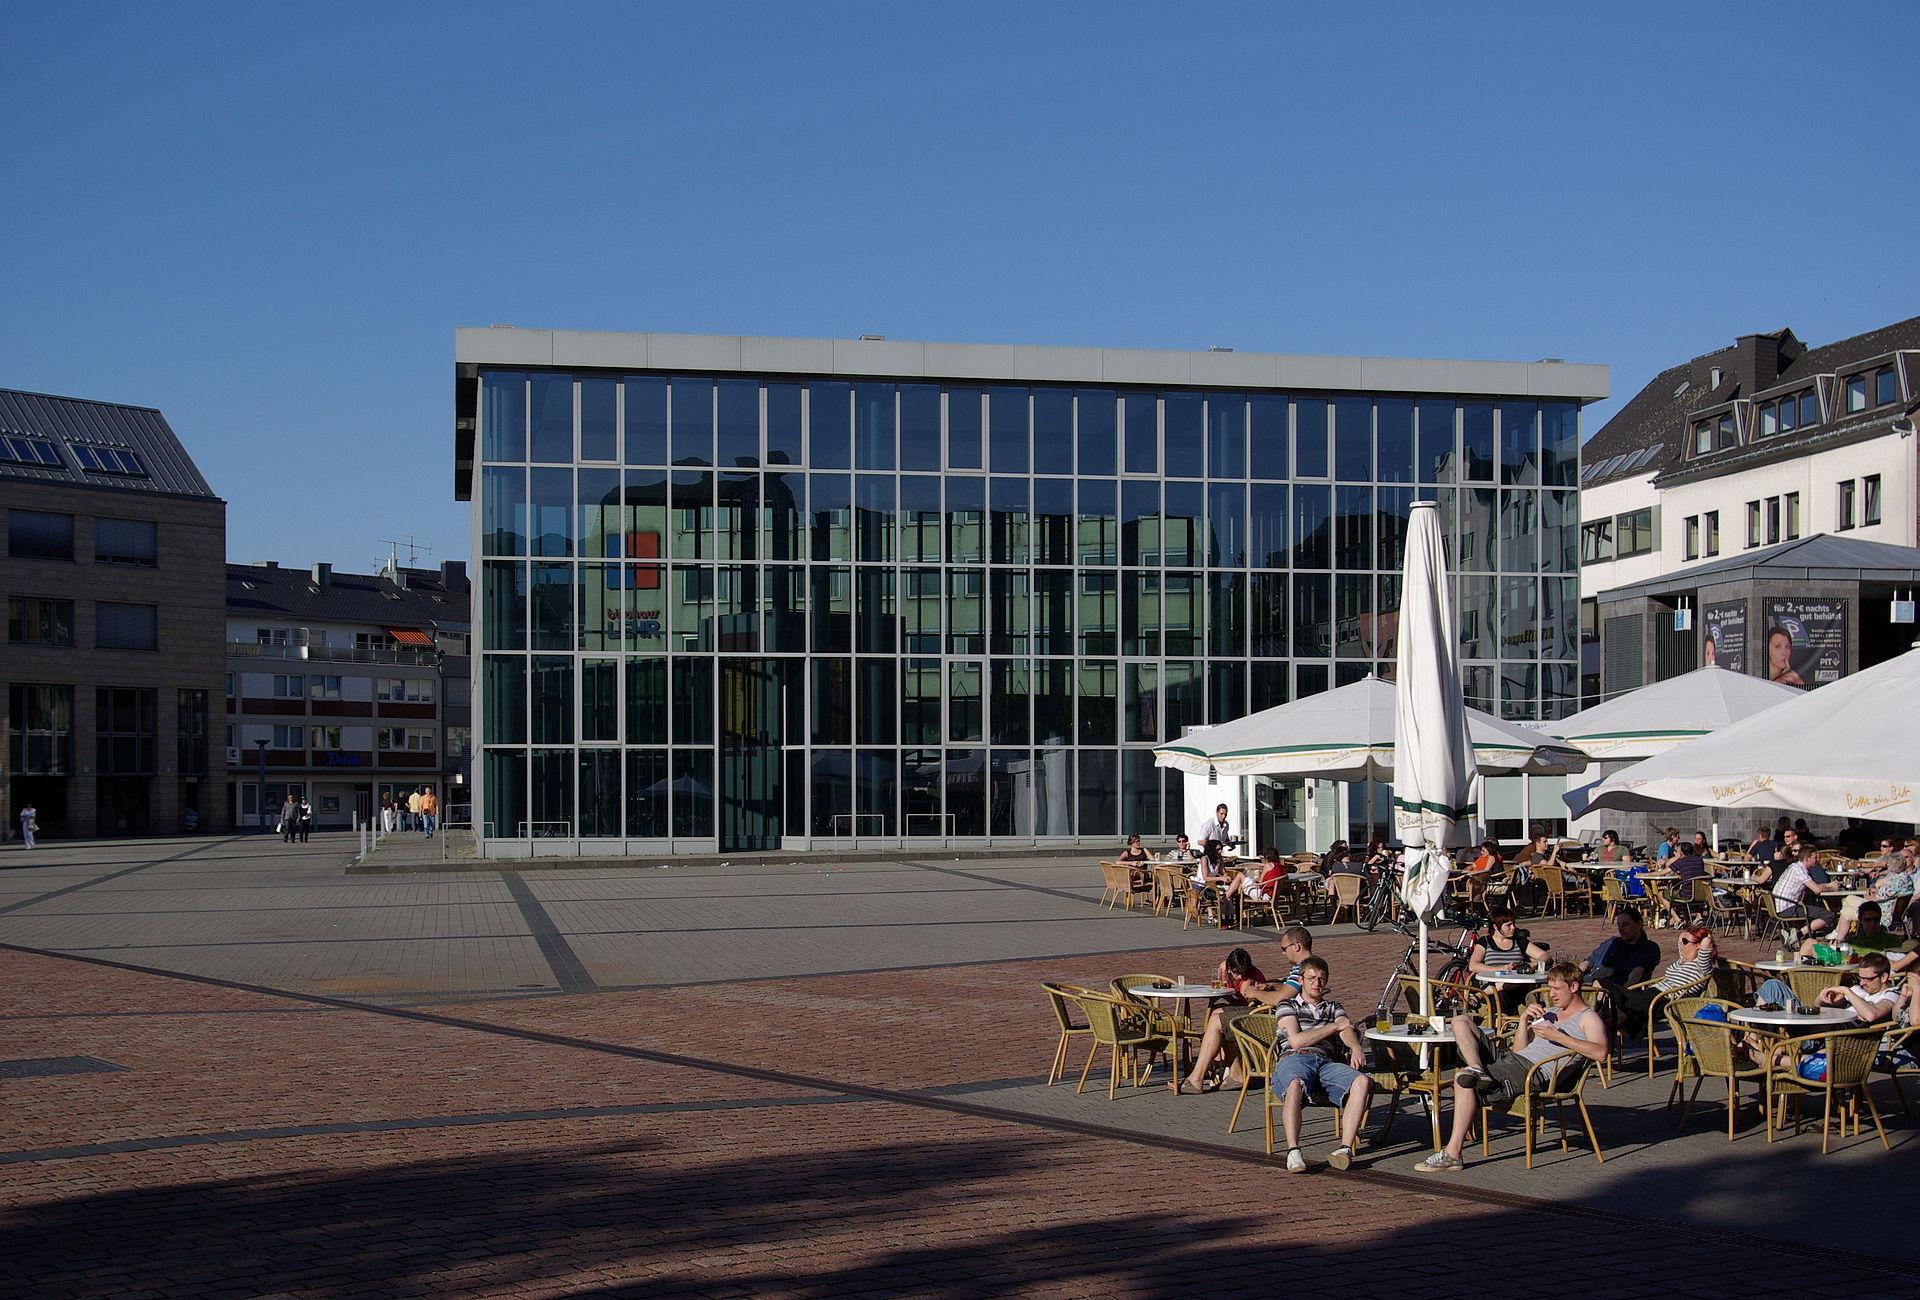 Viehmarktplatz trier wikipedia - Architekt trier ...